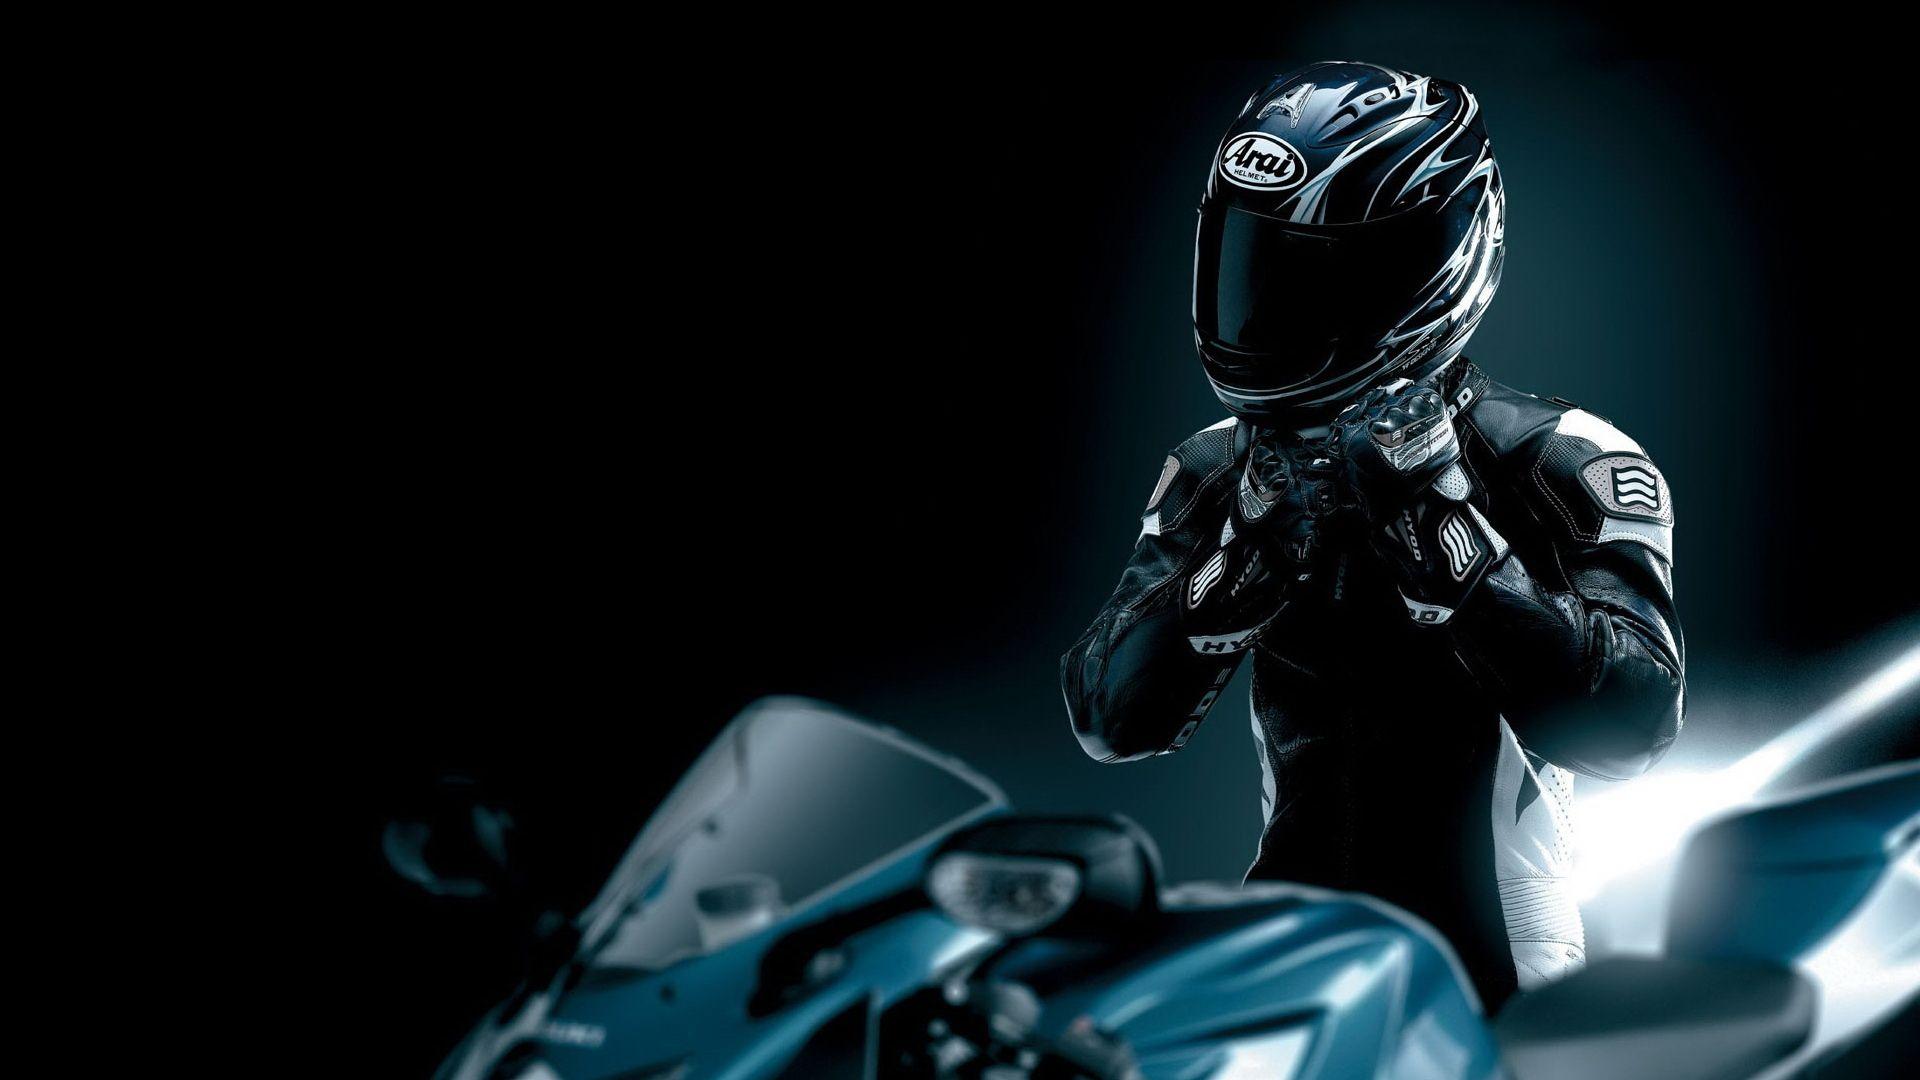 Best Motorcycle Helmet Reviews Cool Motorcycle Helmets Suzuki Gsx Motorcycle Helmets For Sale